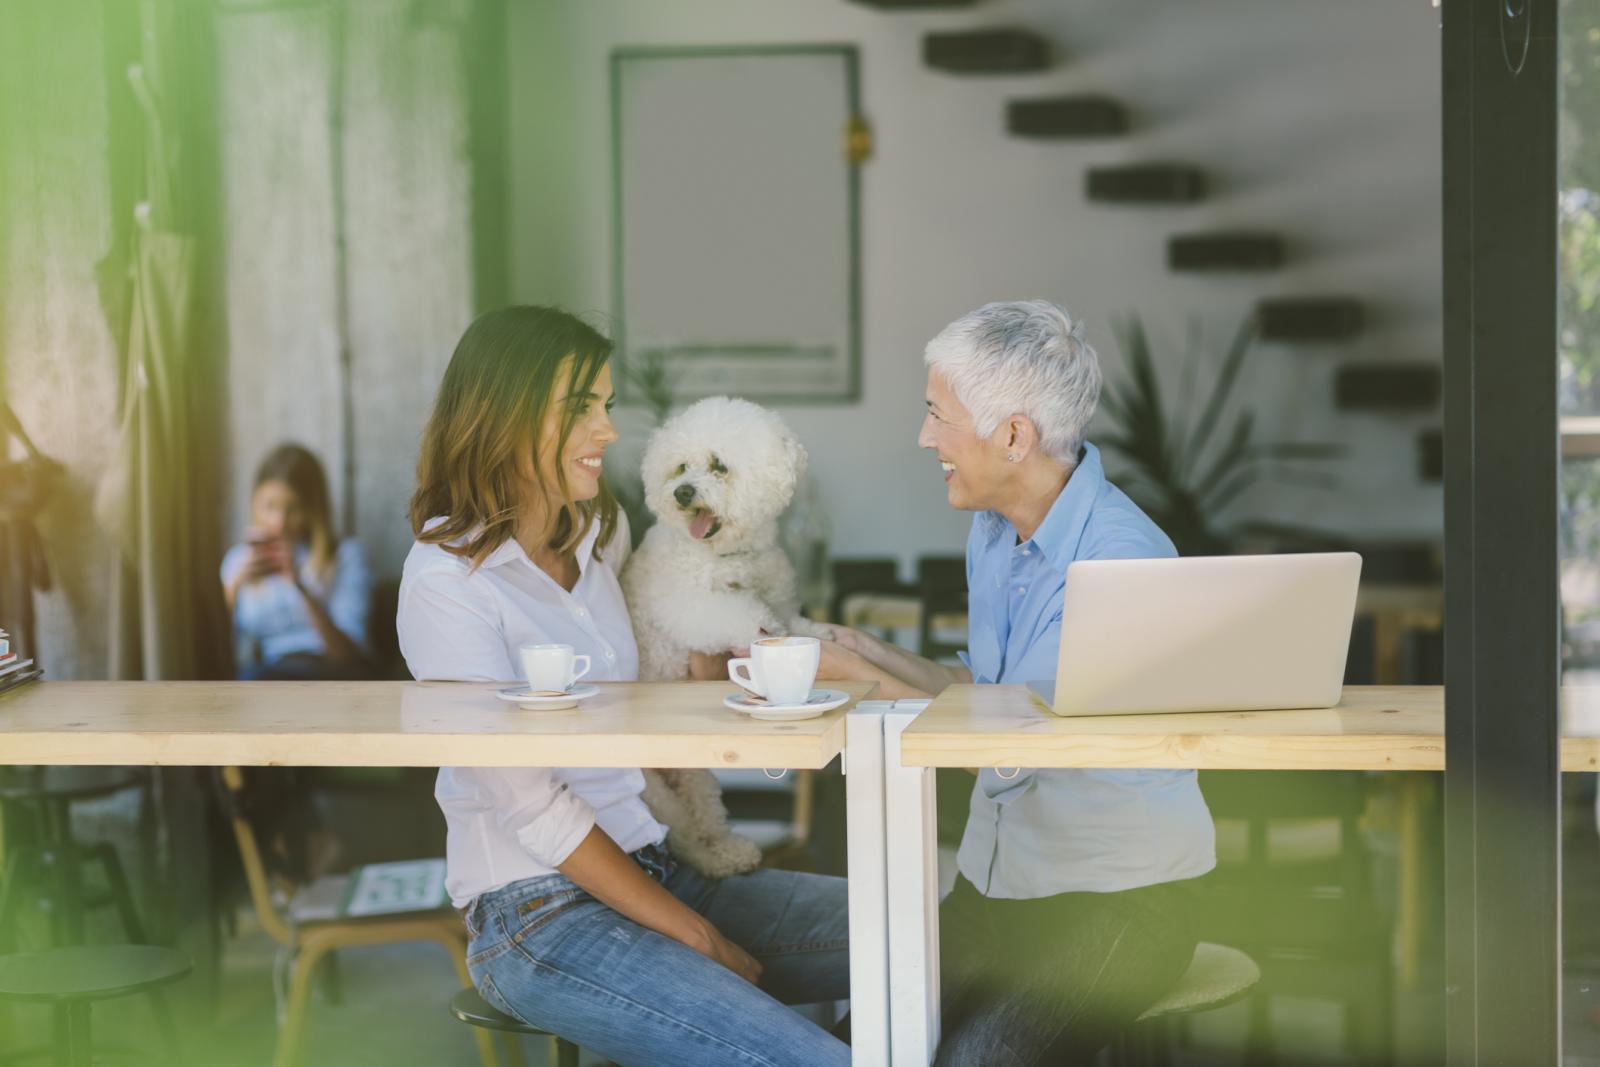 Osim druženja s našim bakama, djedovima, majkama i očevima, važno je poticati ih i da se druže sa svojim vršnjacima.